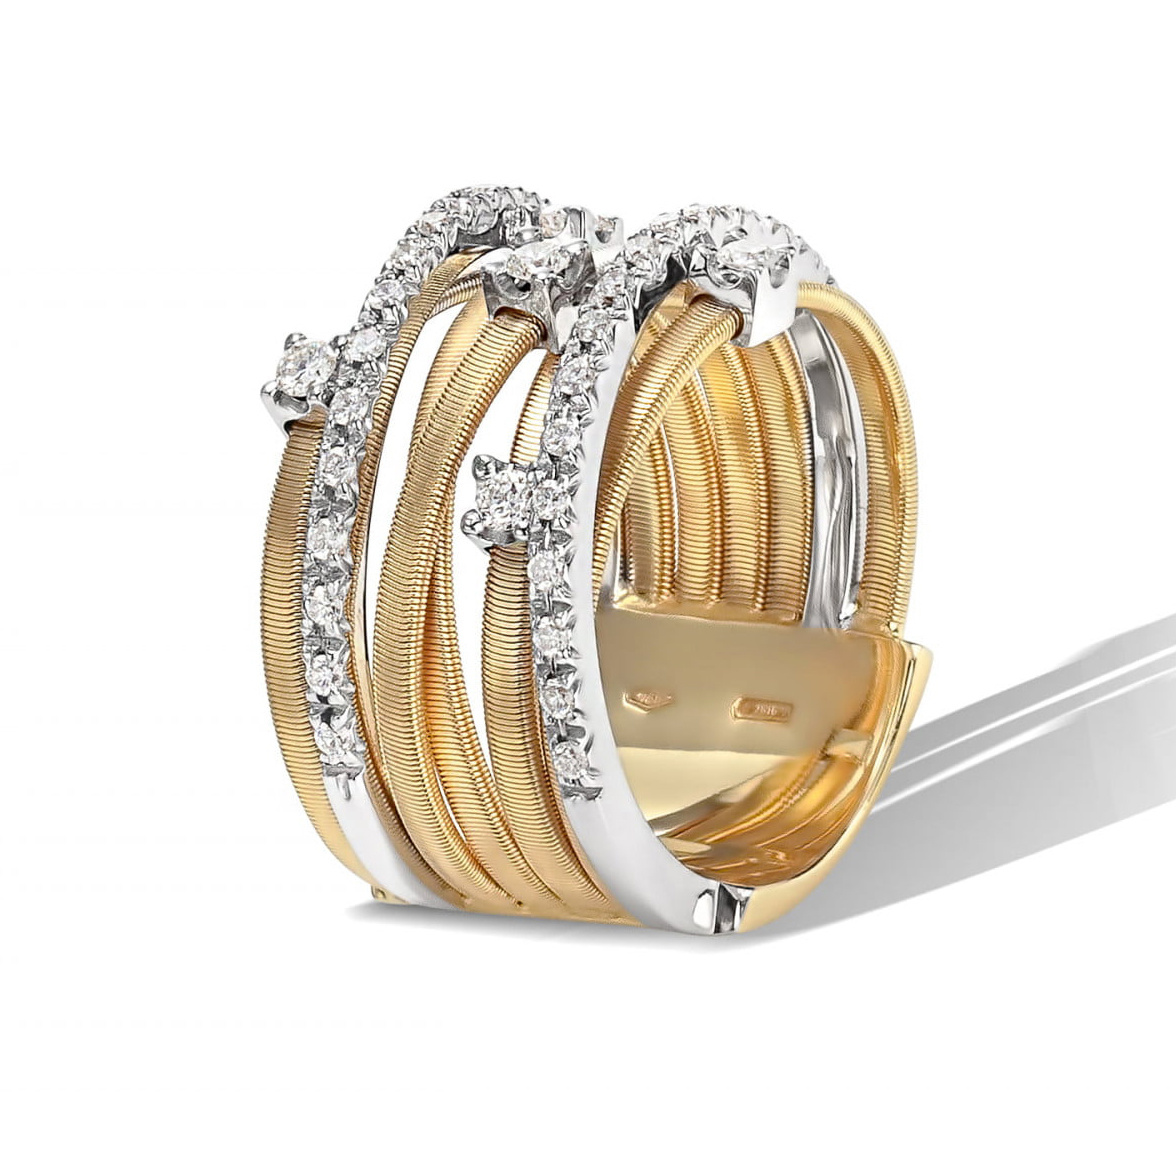 18 karaat geelgouden dames ring met diamant - Marco Bicego - Goa-3